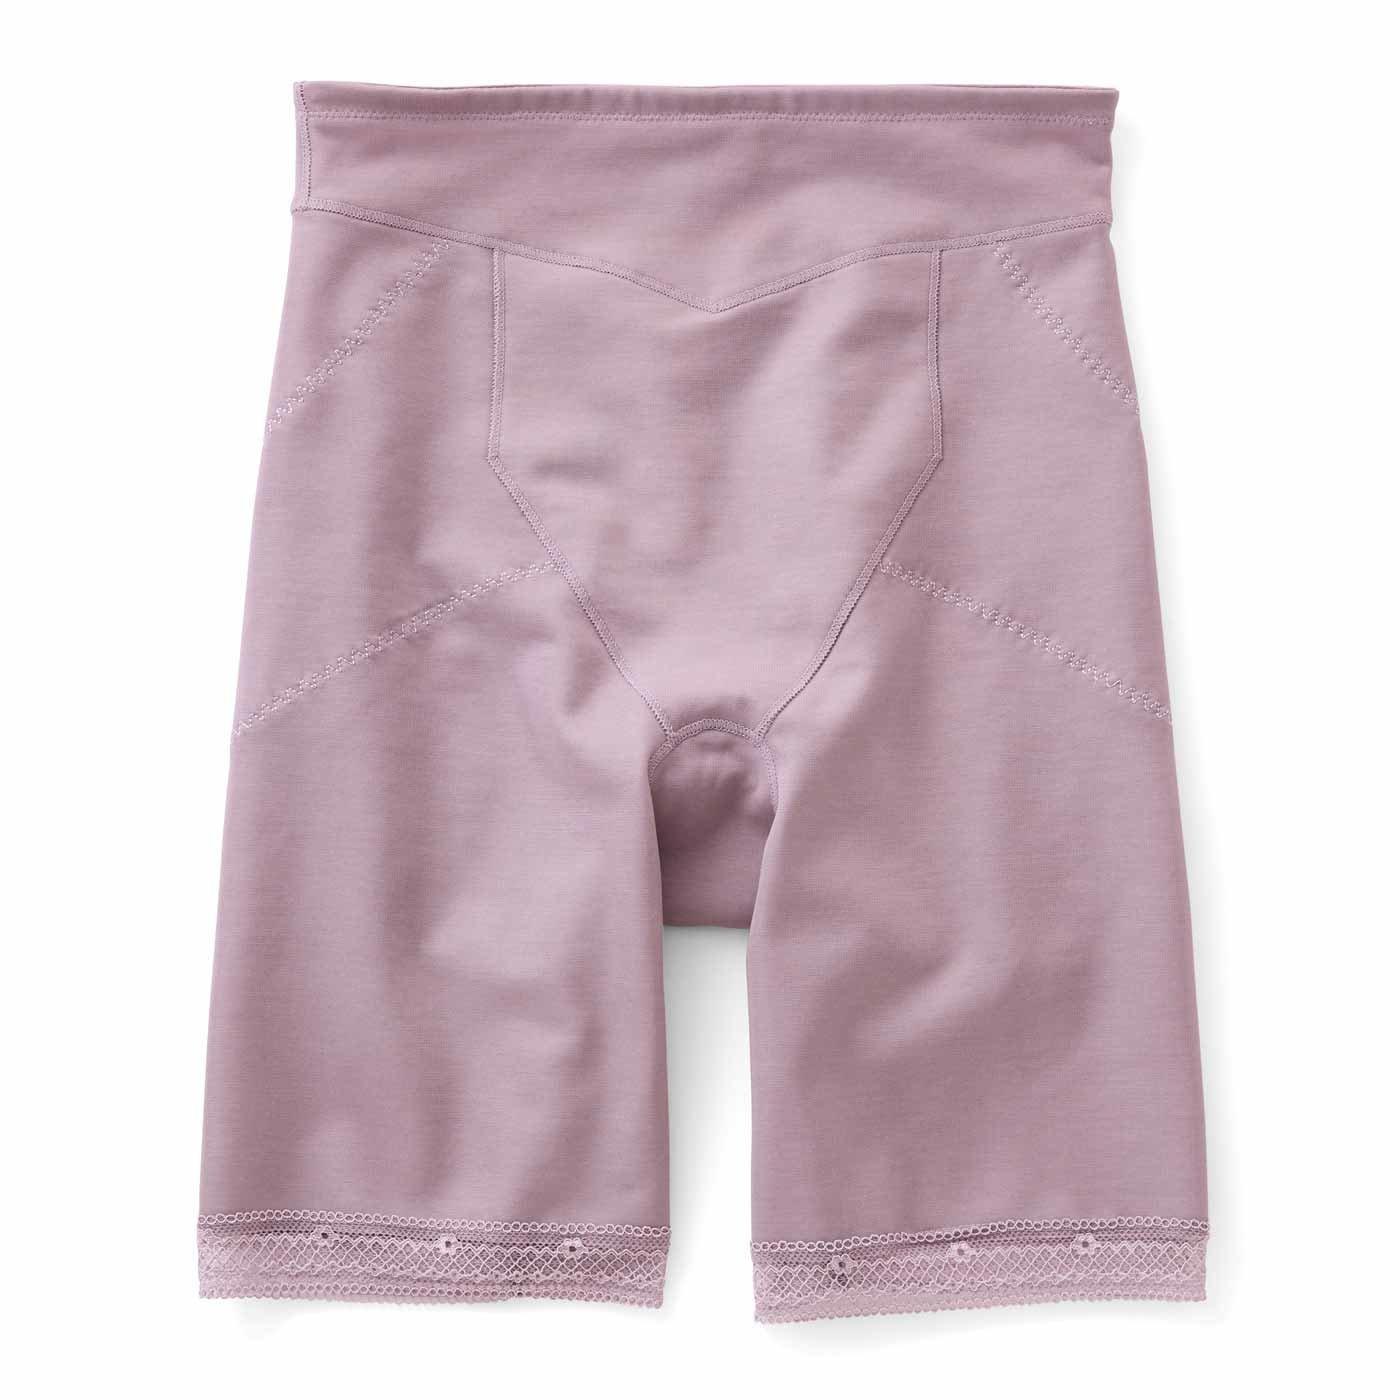 細見えでふんわりスカート決まる ハイウエスト 綿混ガードルショーツの会